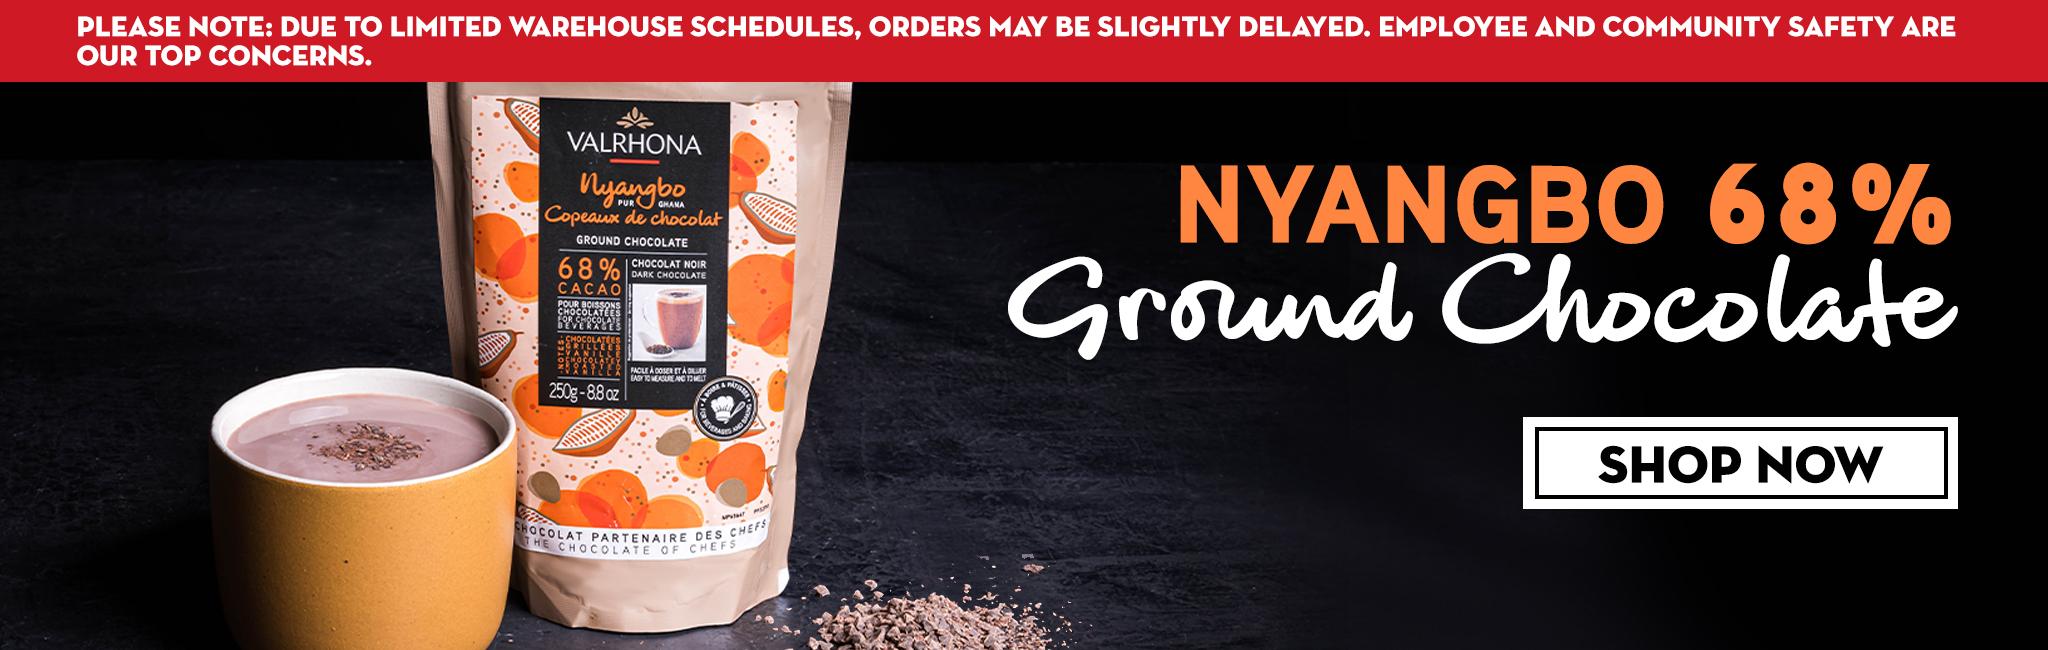 SHOP NYANGBO GROUND CHOCOLATE